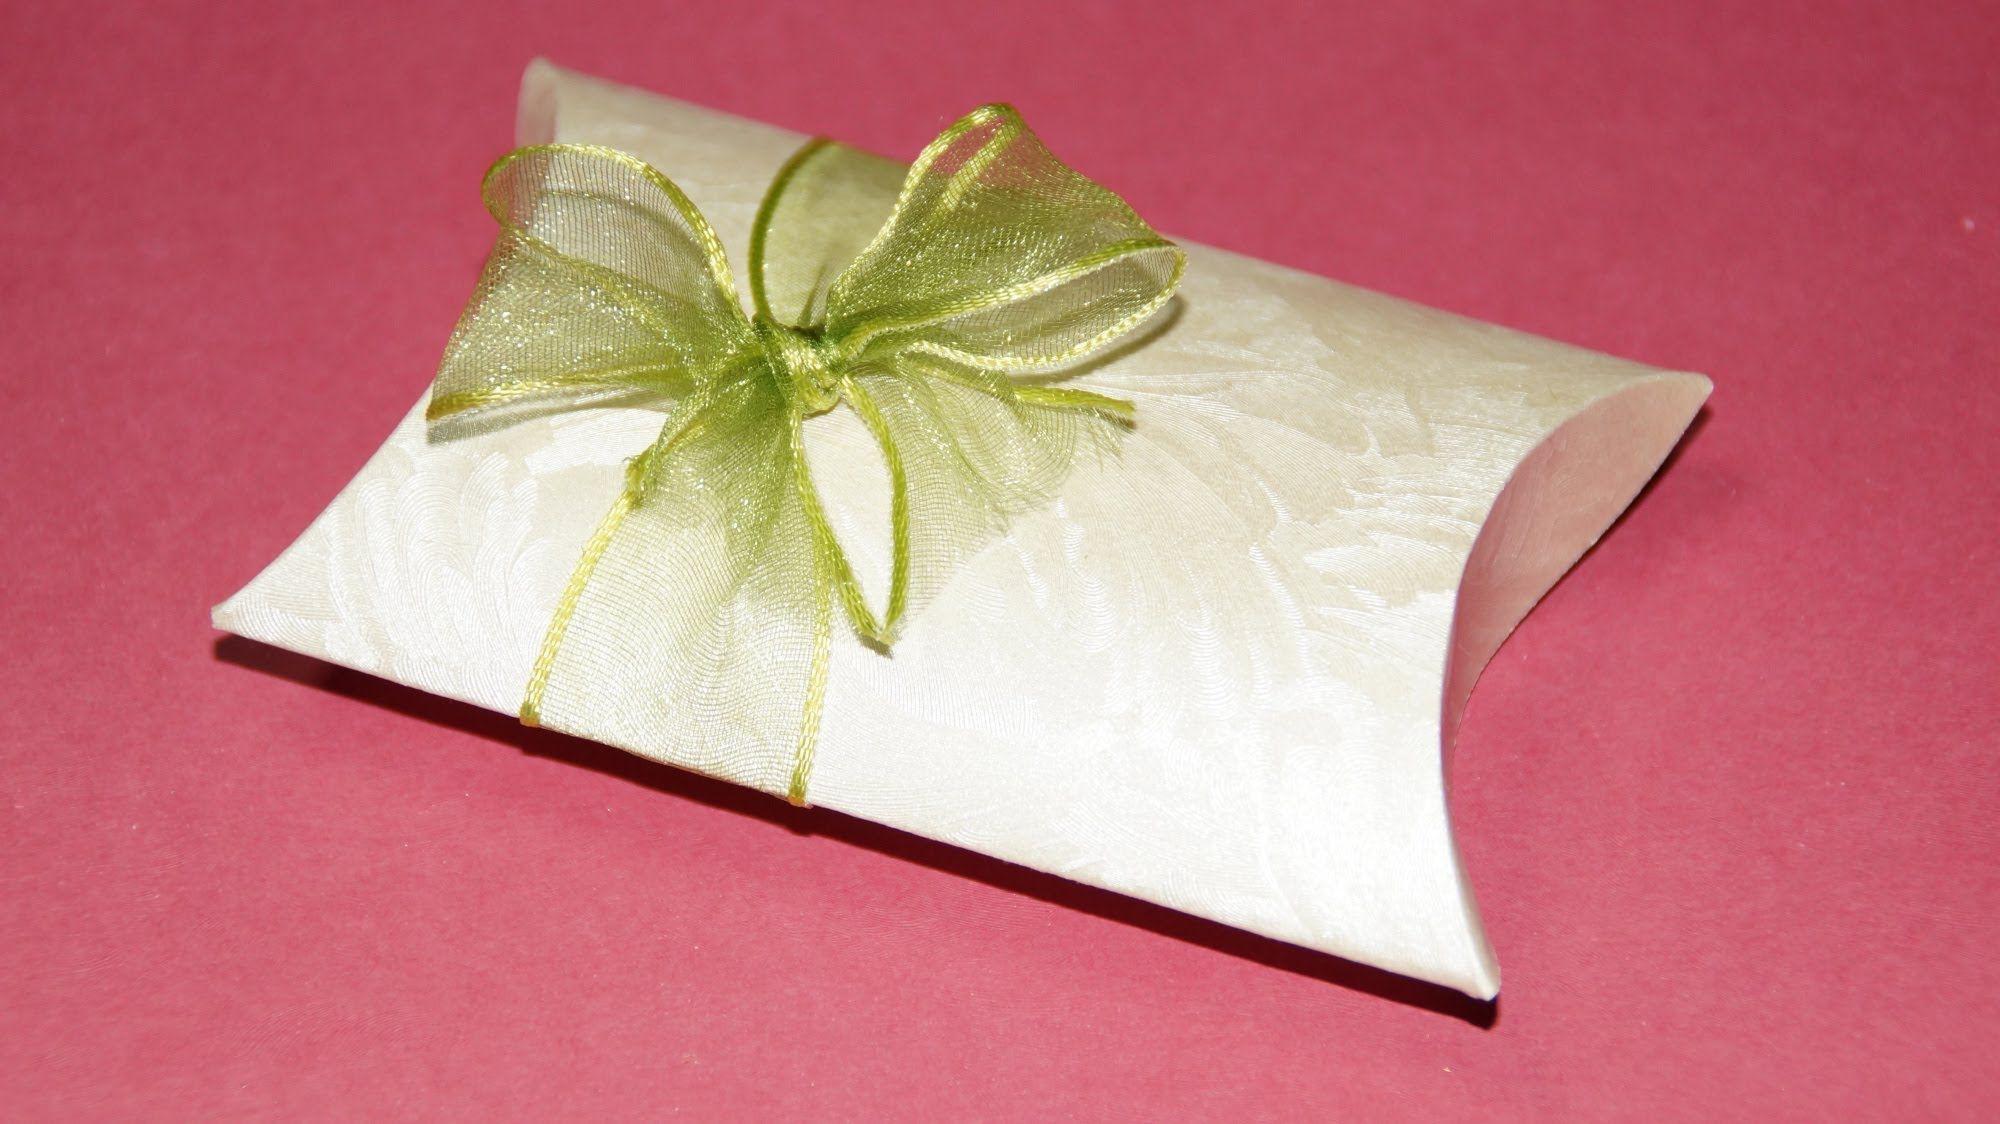 Pillow Box Basteln geschenkbox basteln pillow box für geldgeschenke und kleinigkeiten